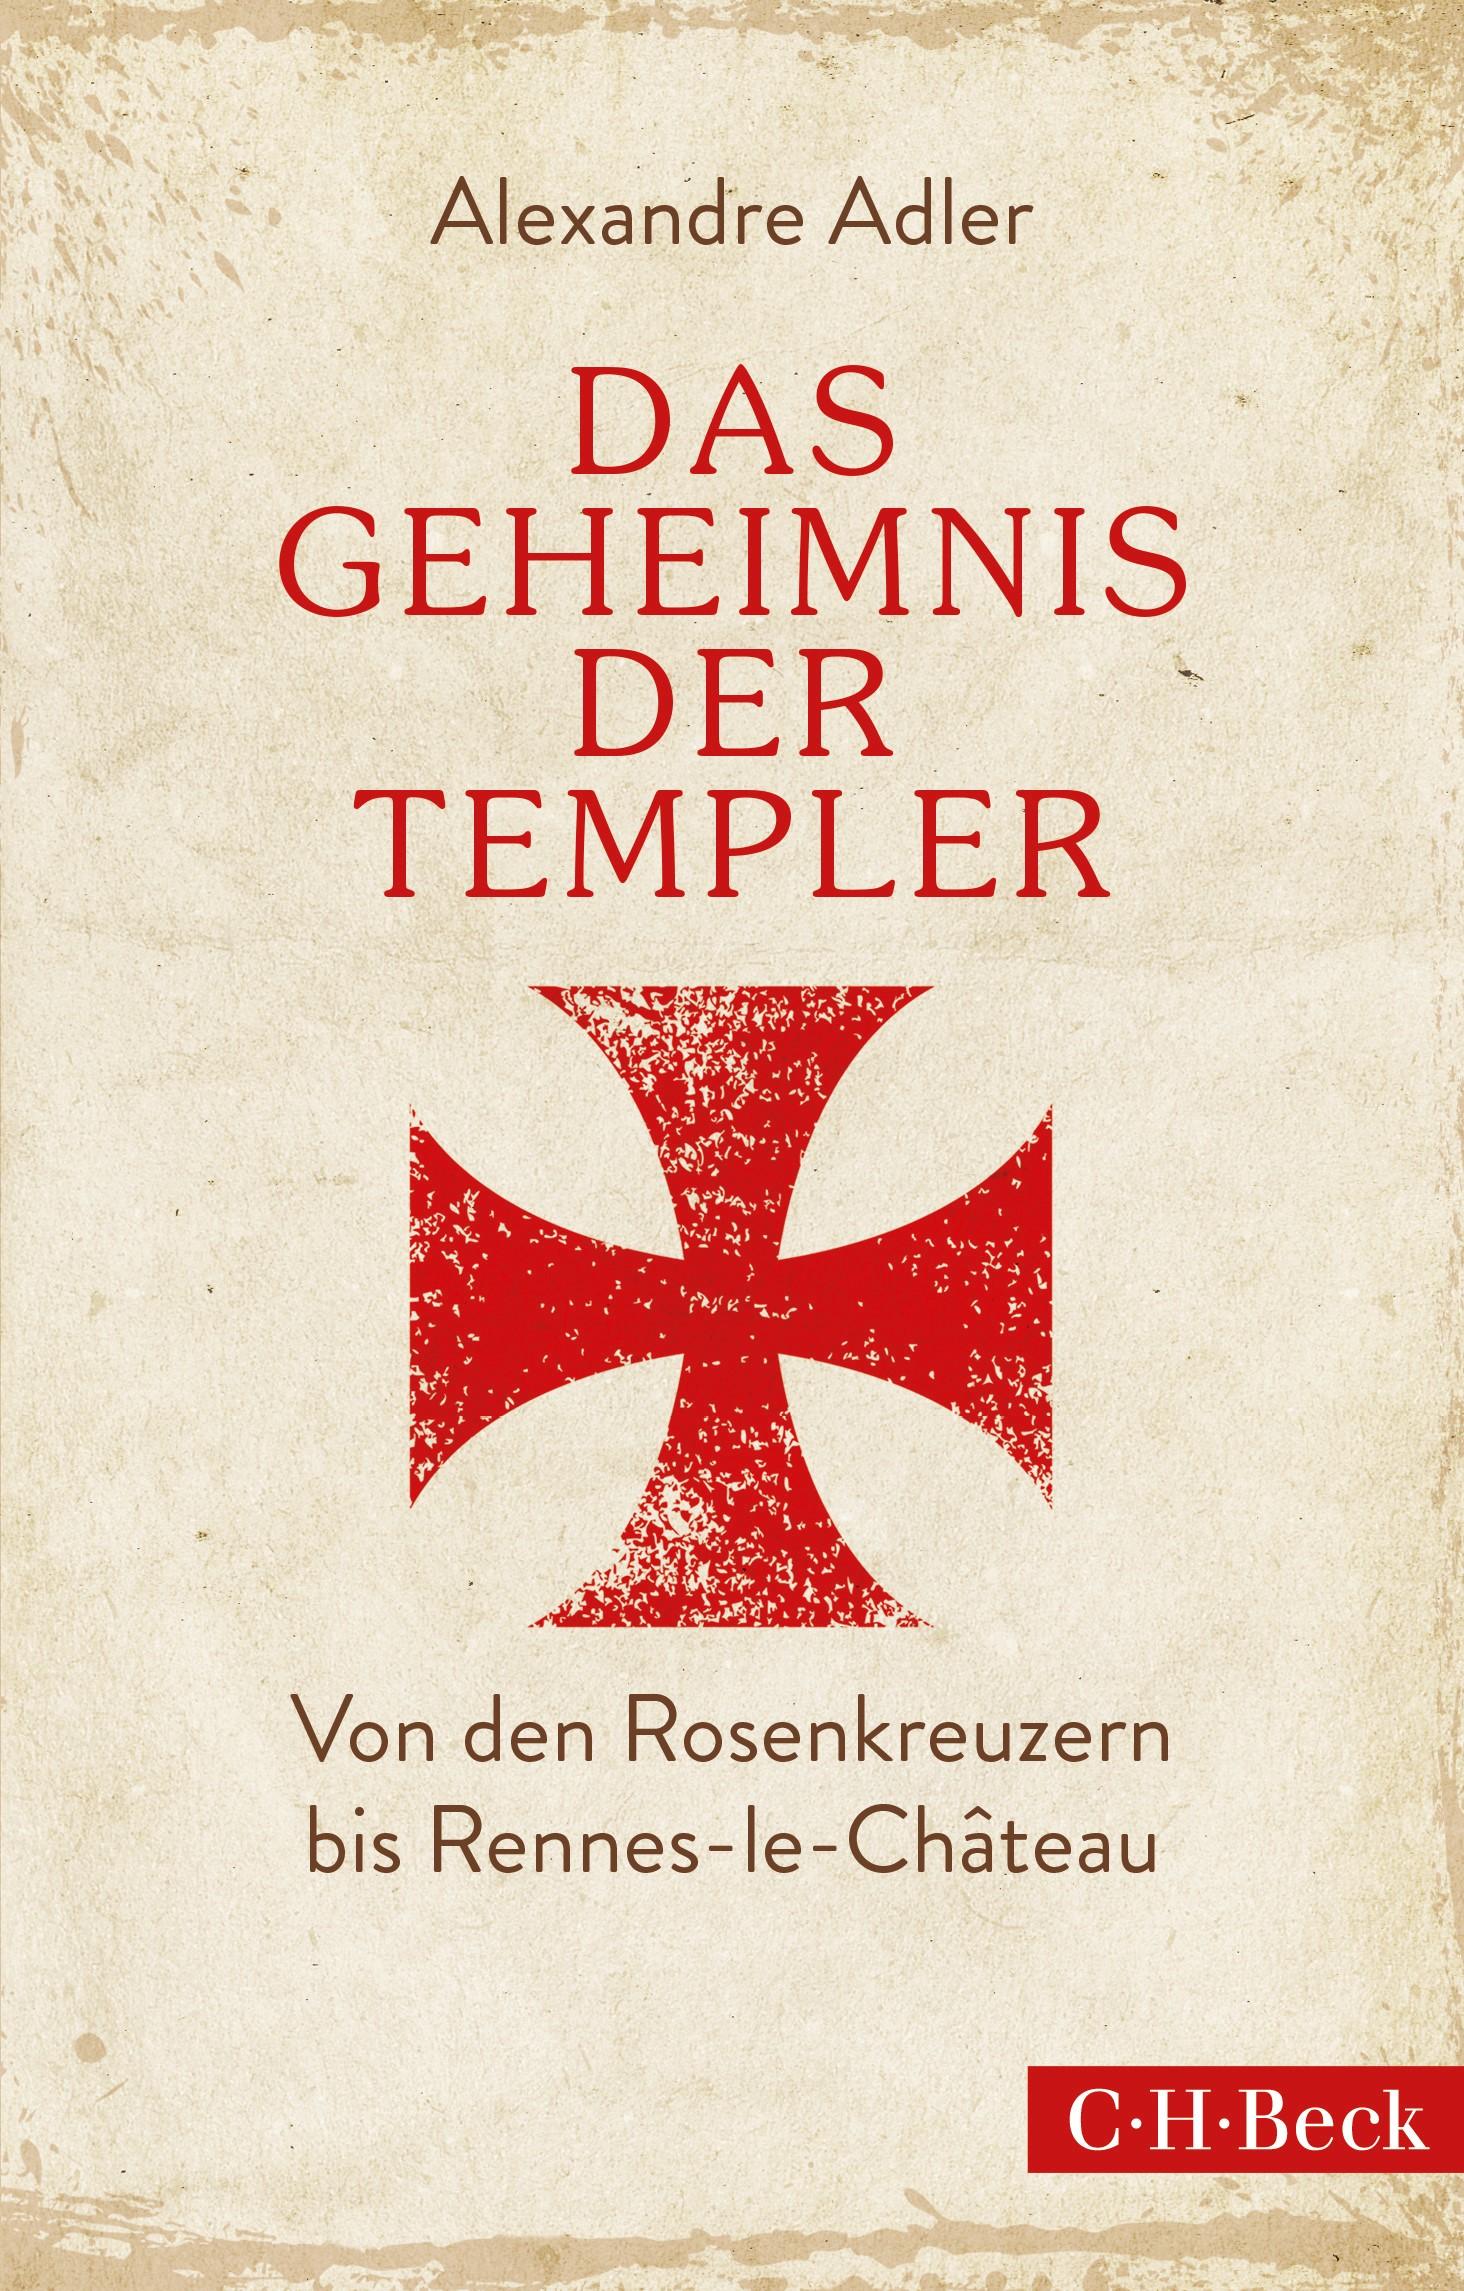 Abbildung von Adler, Alexandre | Das Geheimnis der Templer | 2015